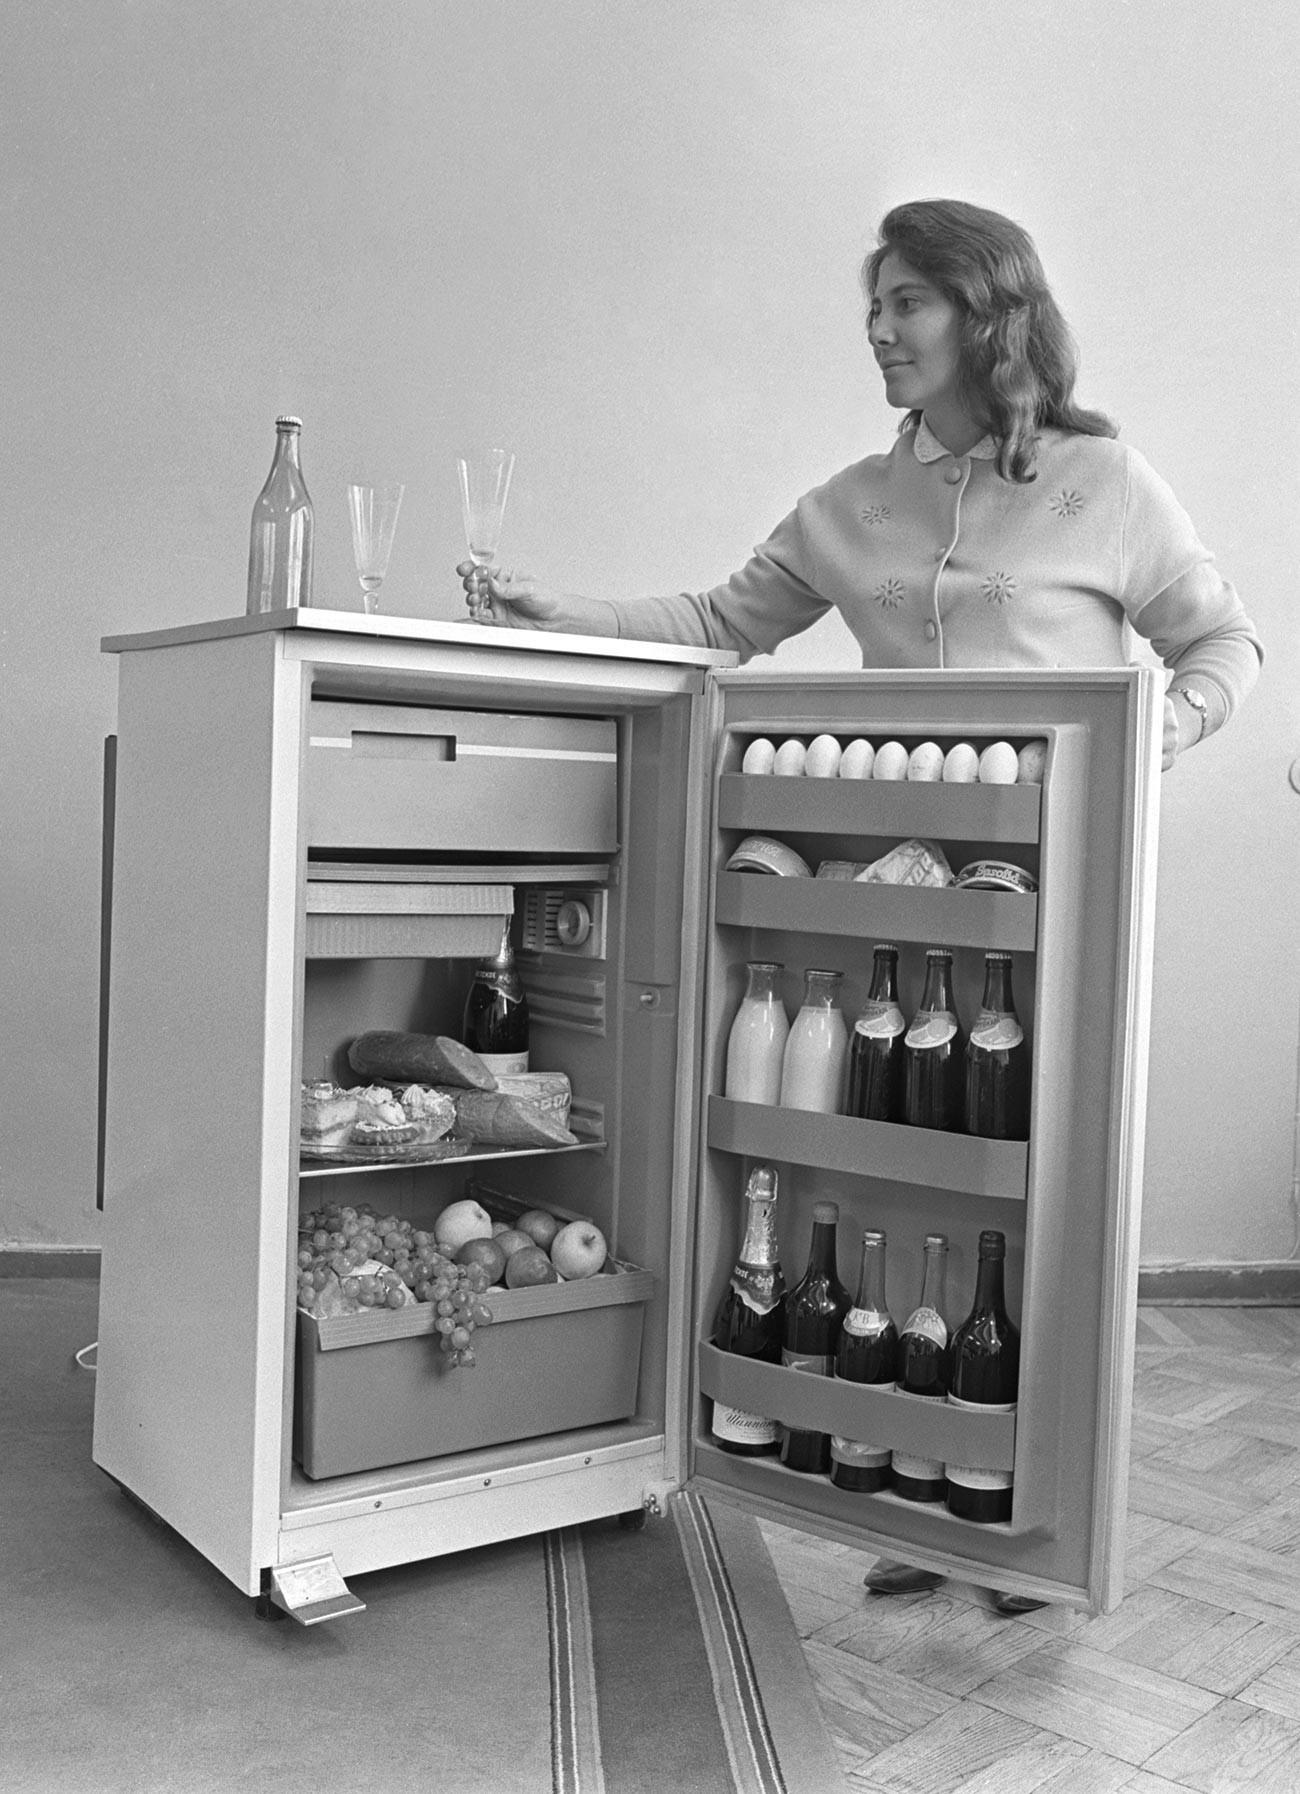 Tovarna hladilnikov v Kišinjevu, 1970